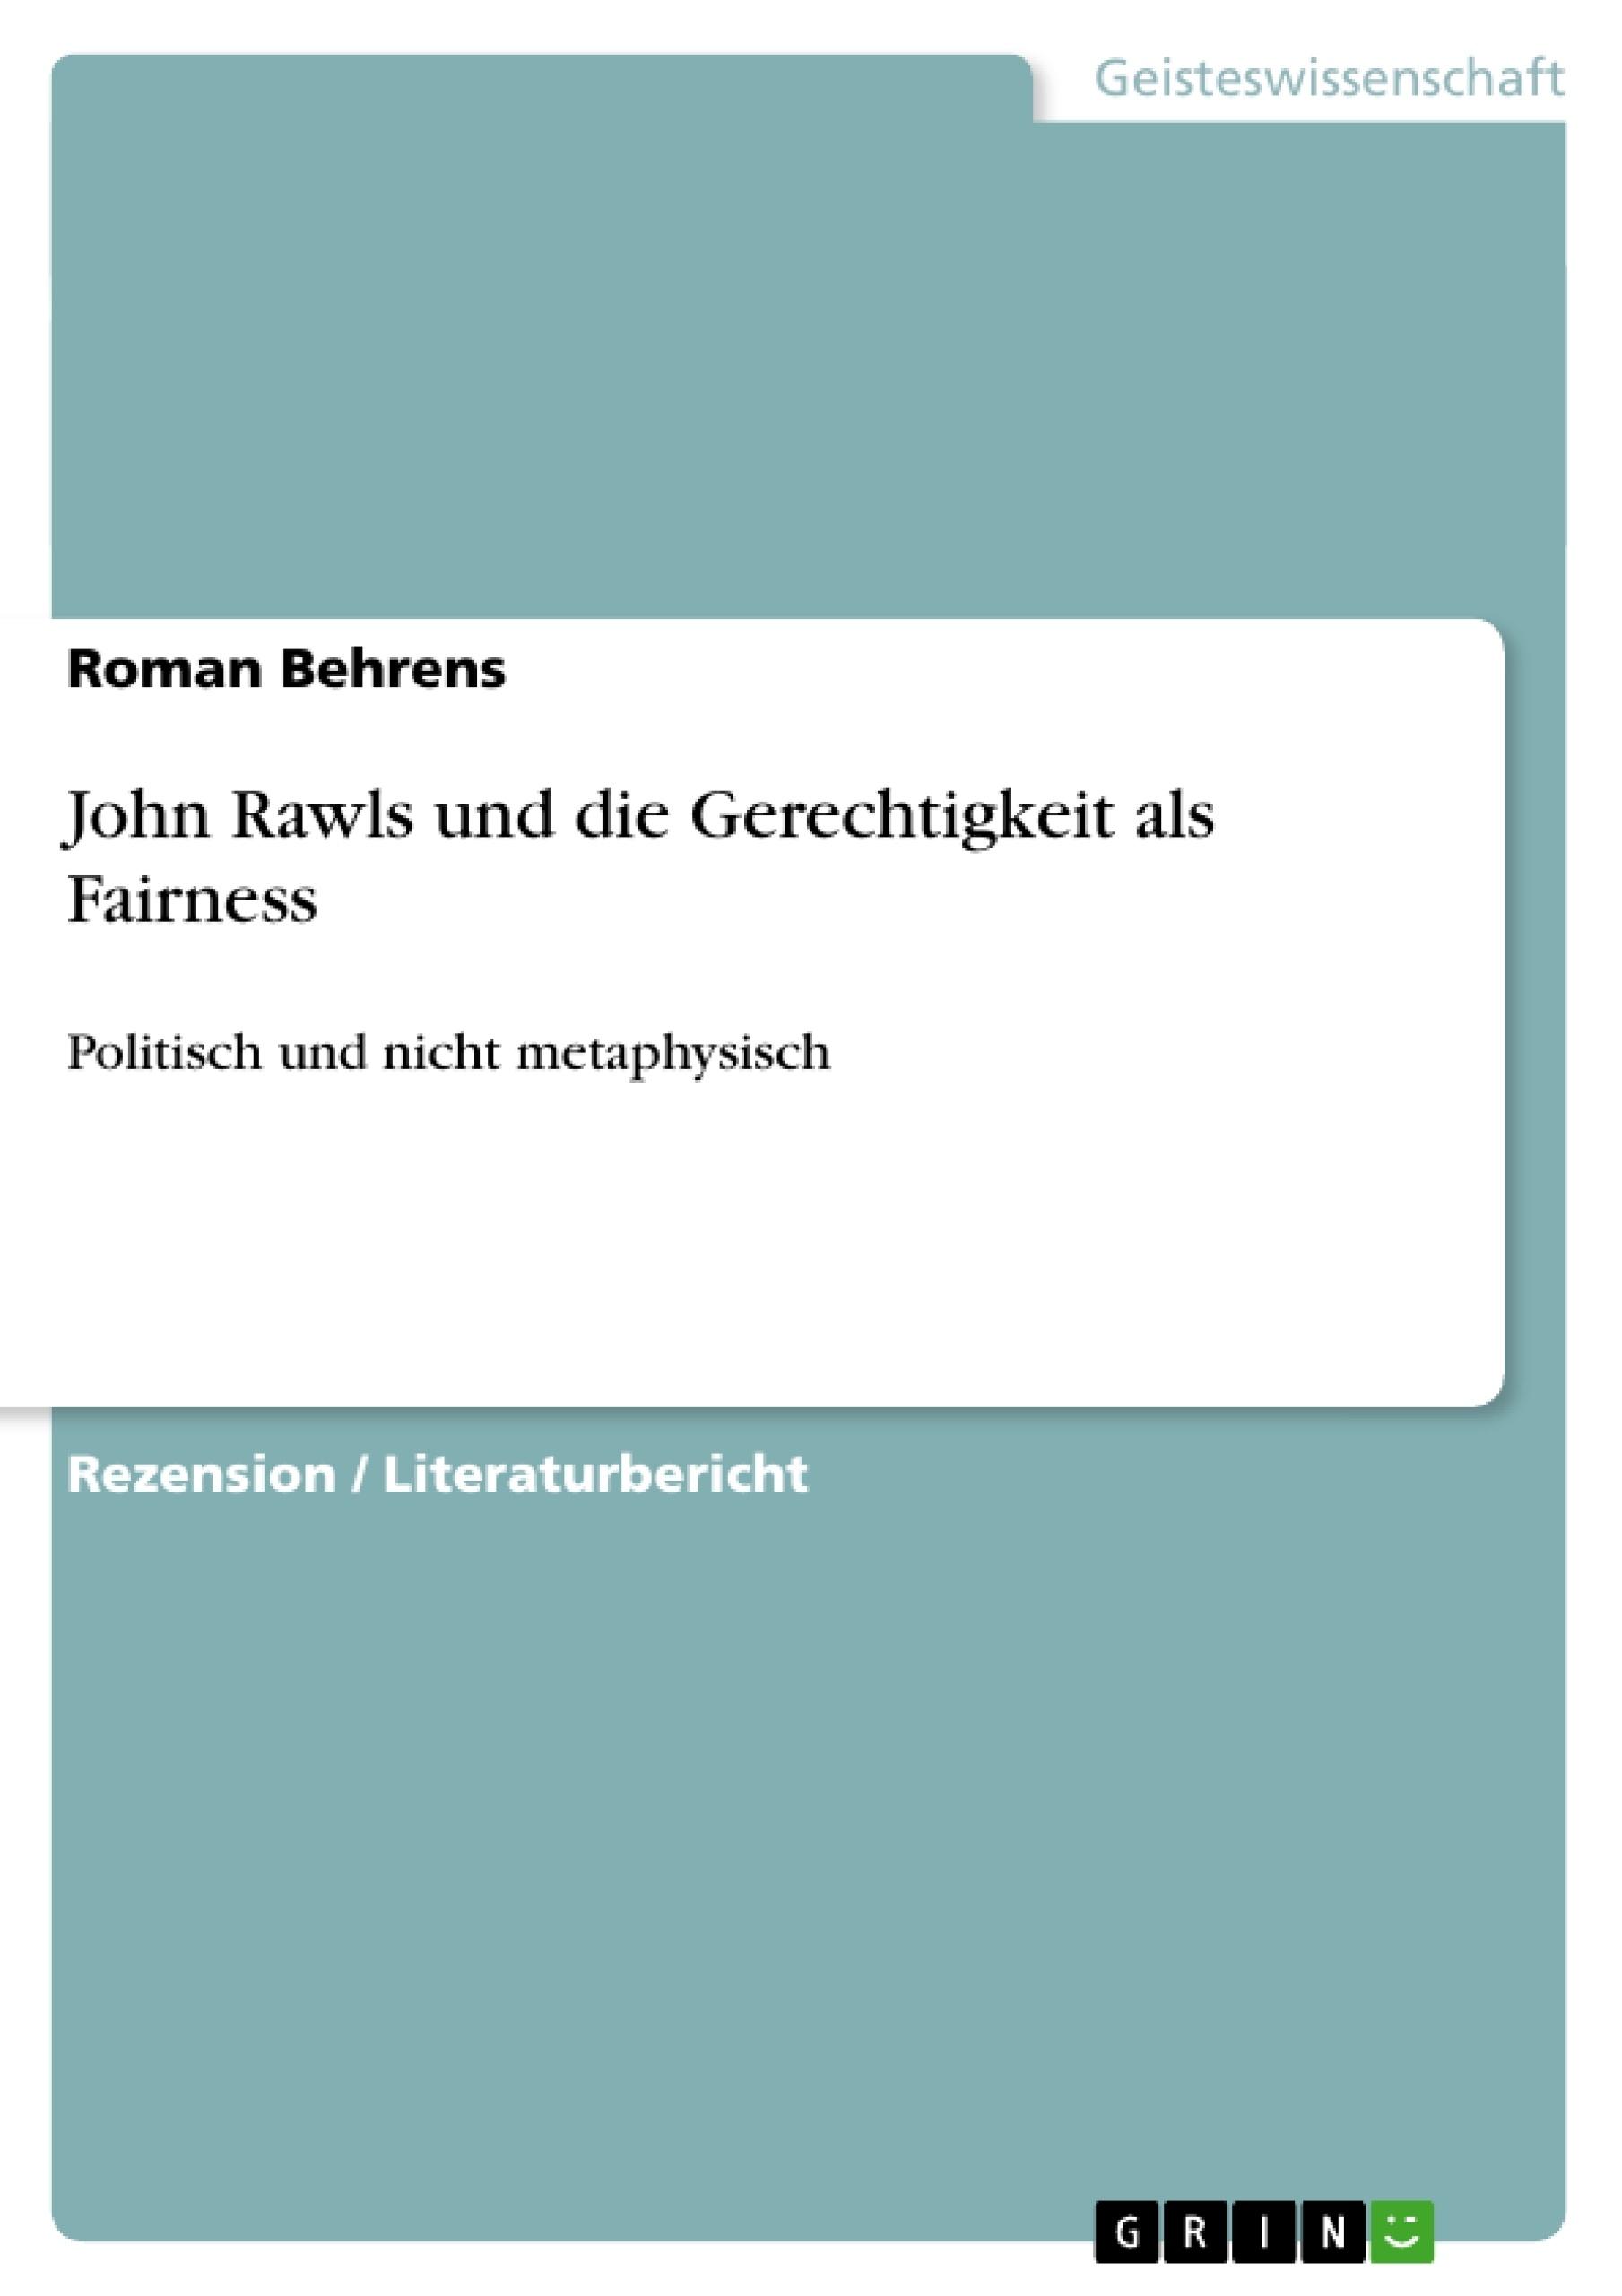 Titel: John Rawls und die Gerechtigkeit als Fairness